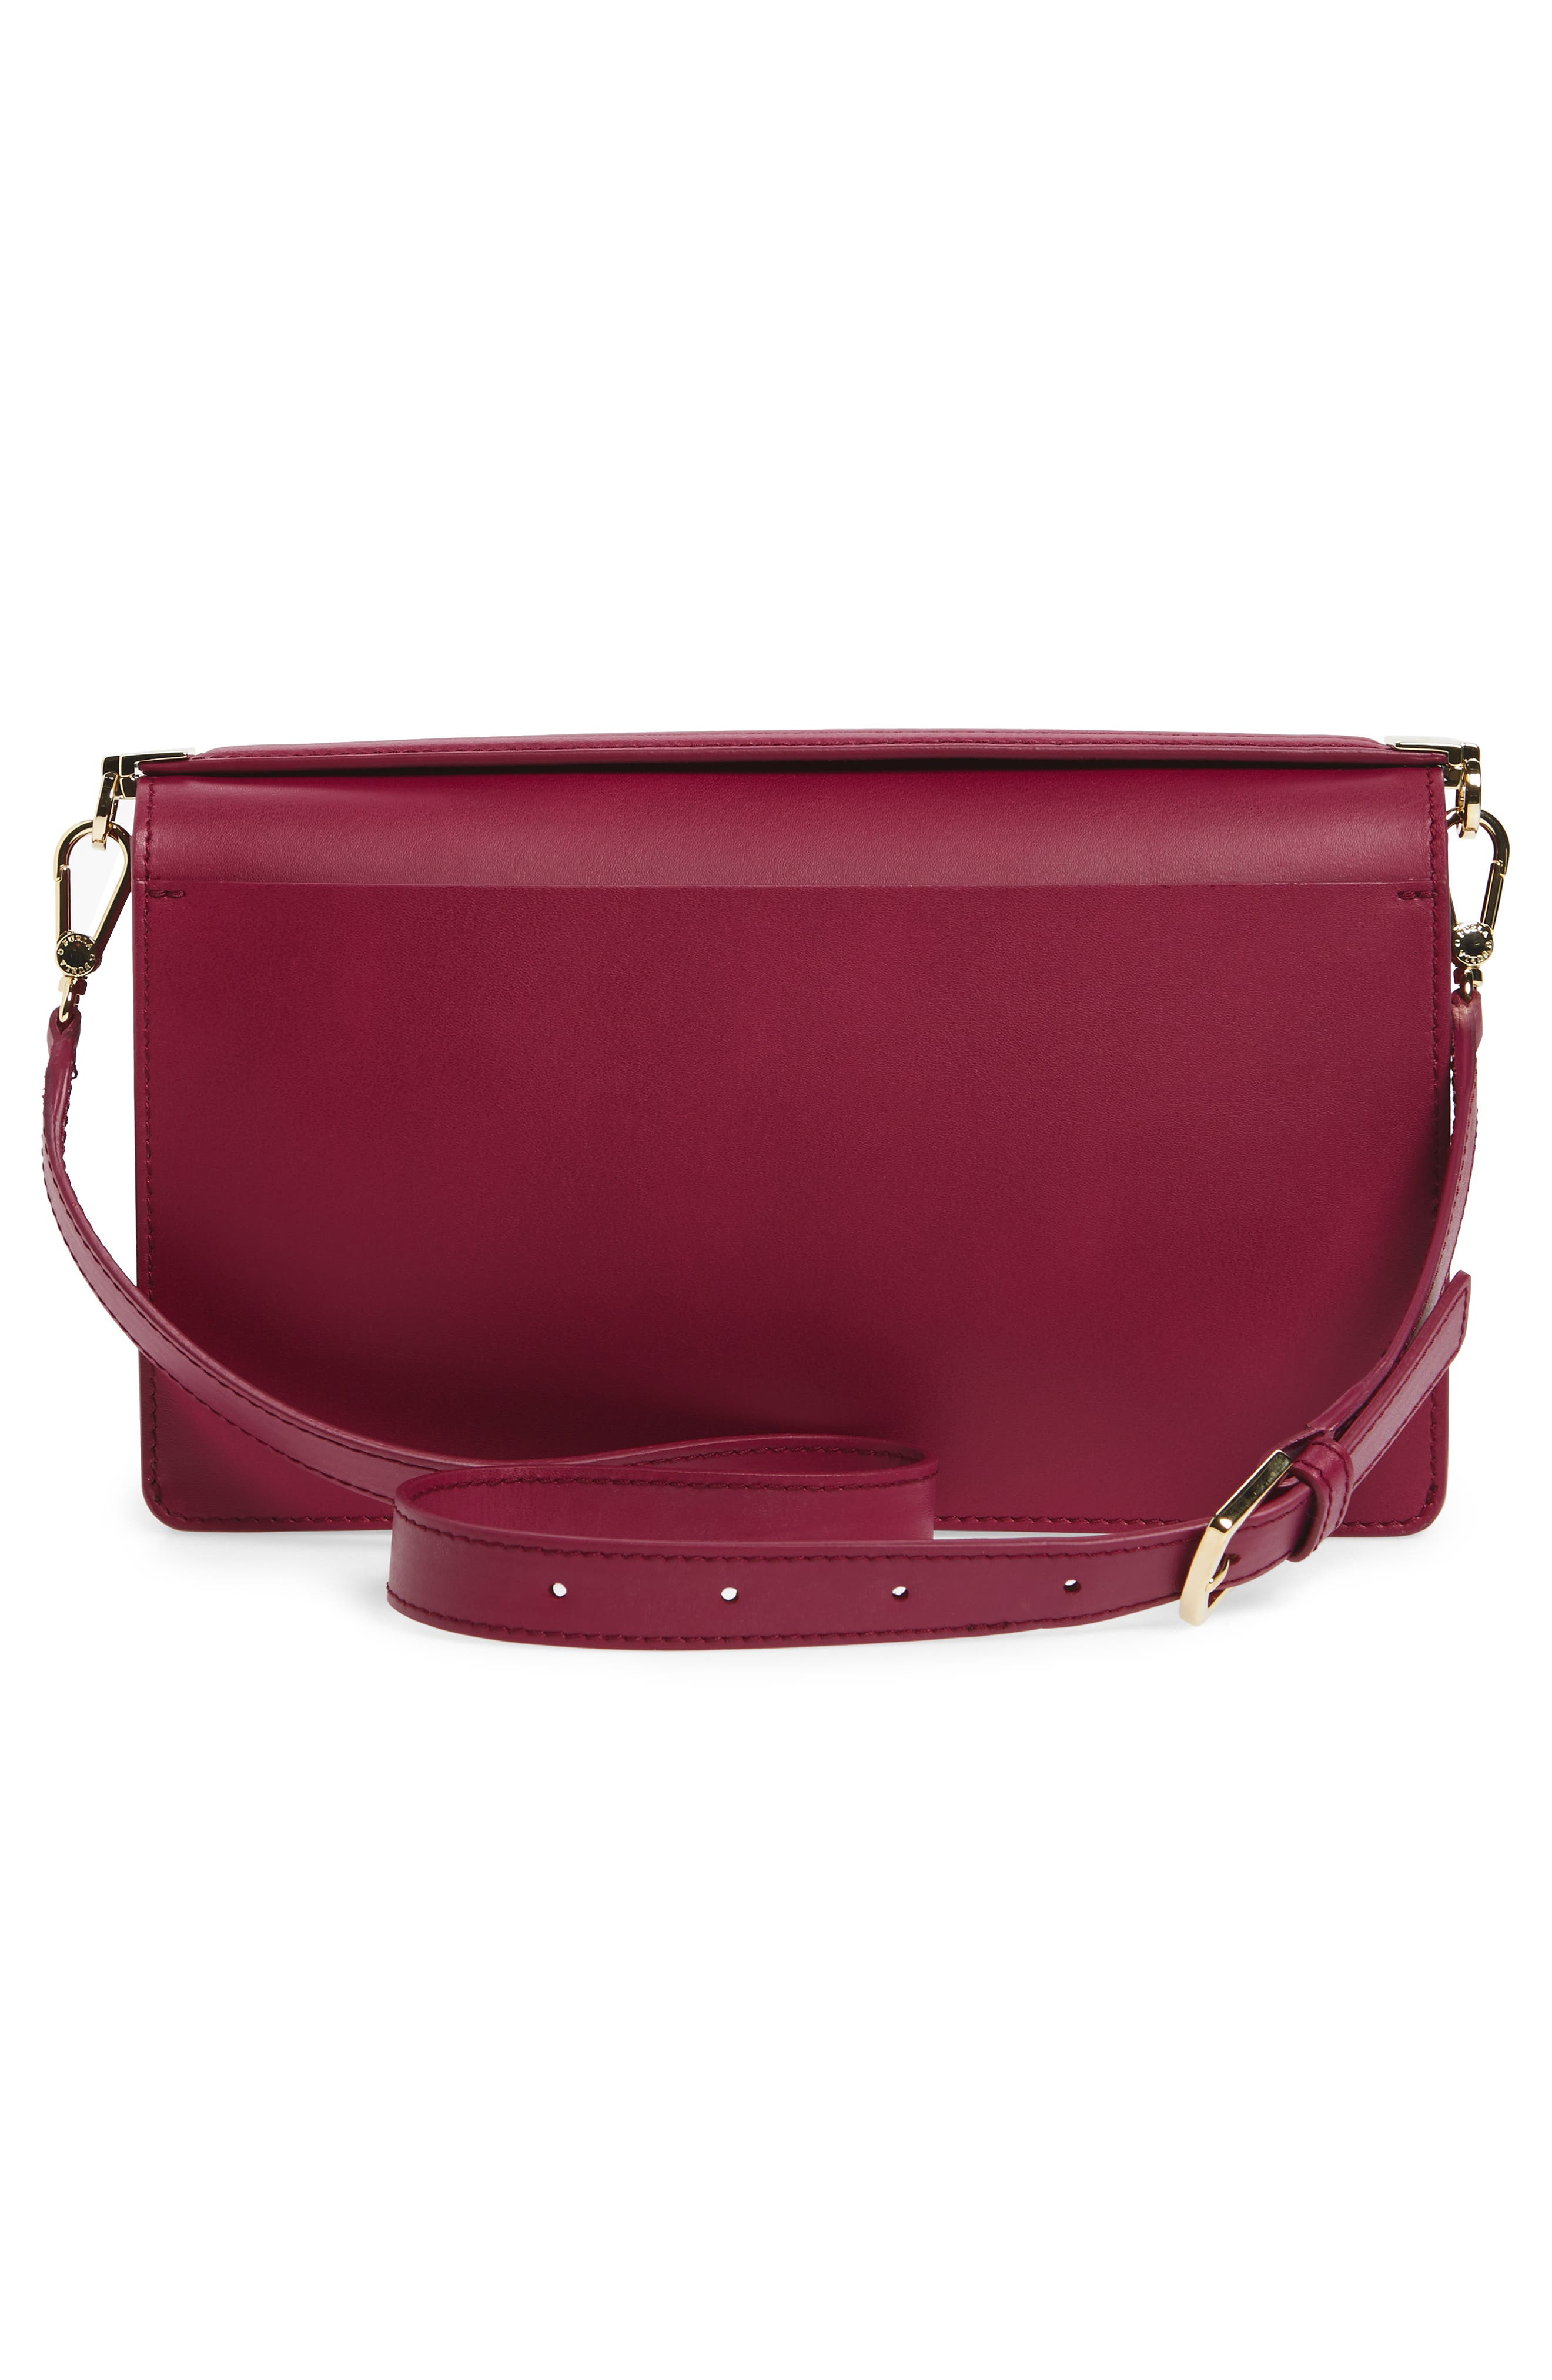 Snap Leather Shoulder Bag,                             Alternate thumbnail 3, color,                             609